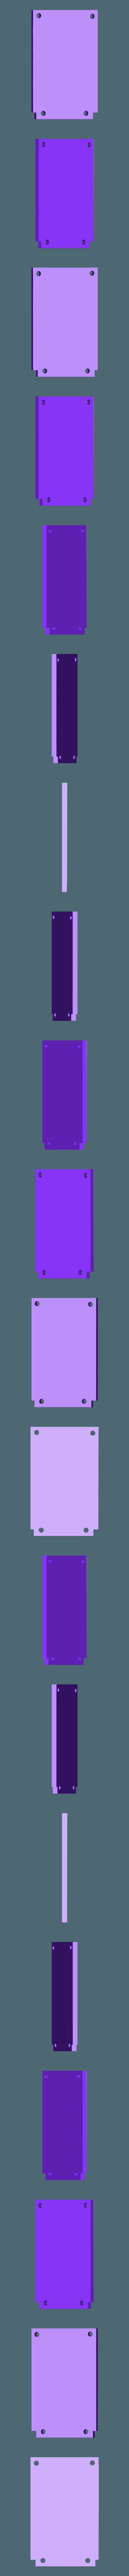 fortnite_retro_arcade_12.stl Télécharger fichier STL gratuit FORTNITE ARCARDE MINI LED . BATAILLE ROYALE • Design à imprimer en 3D, gaaraa